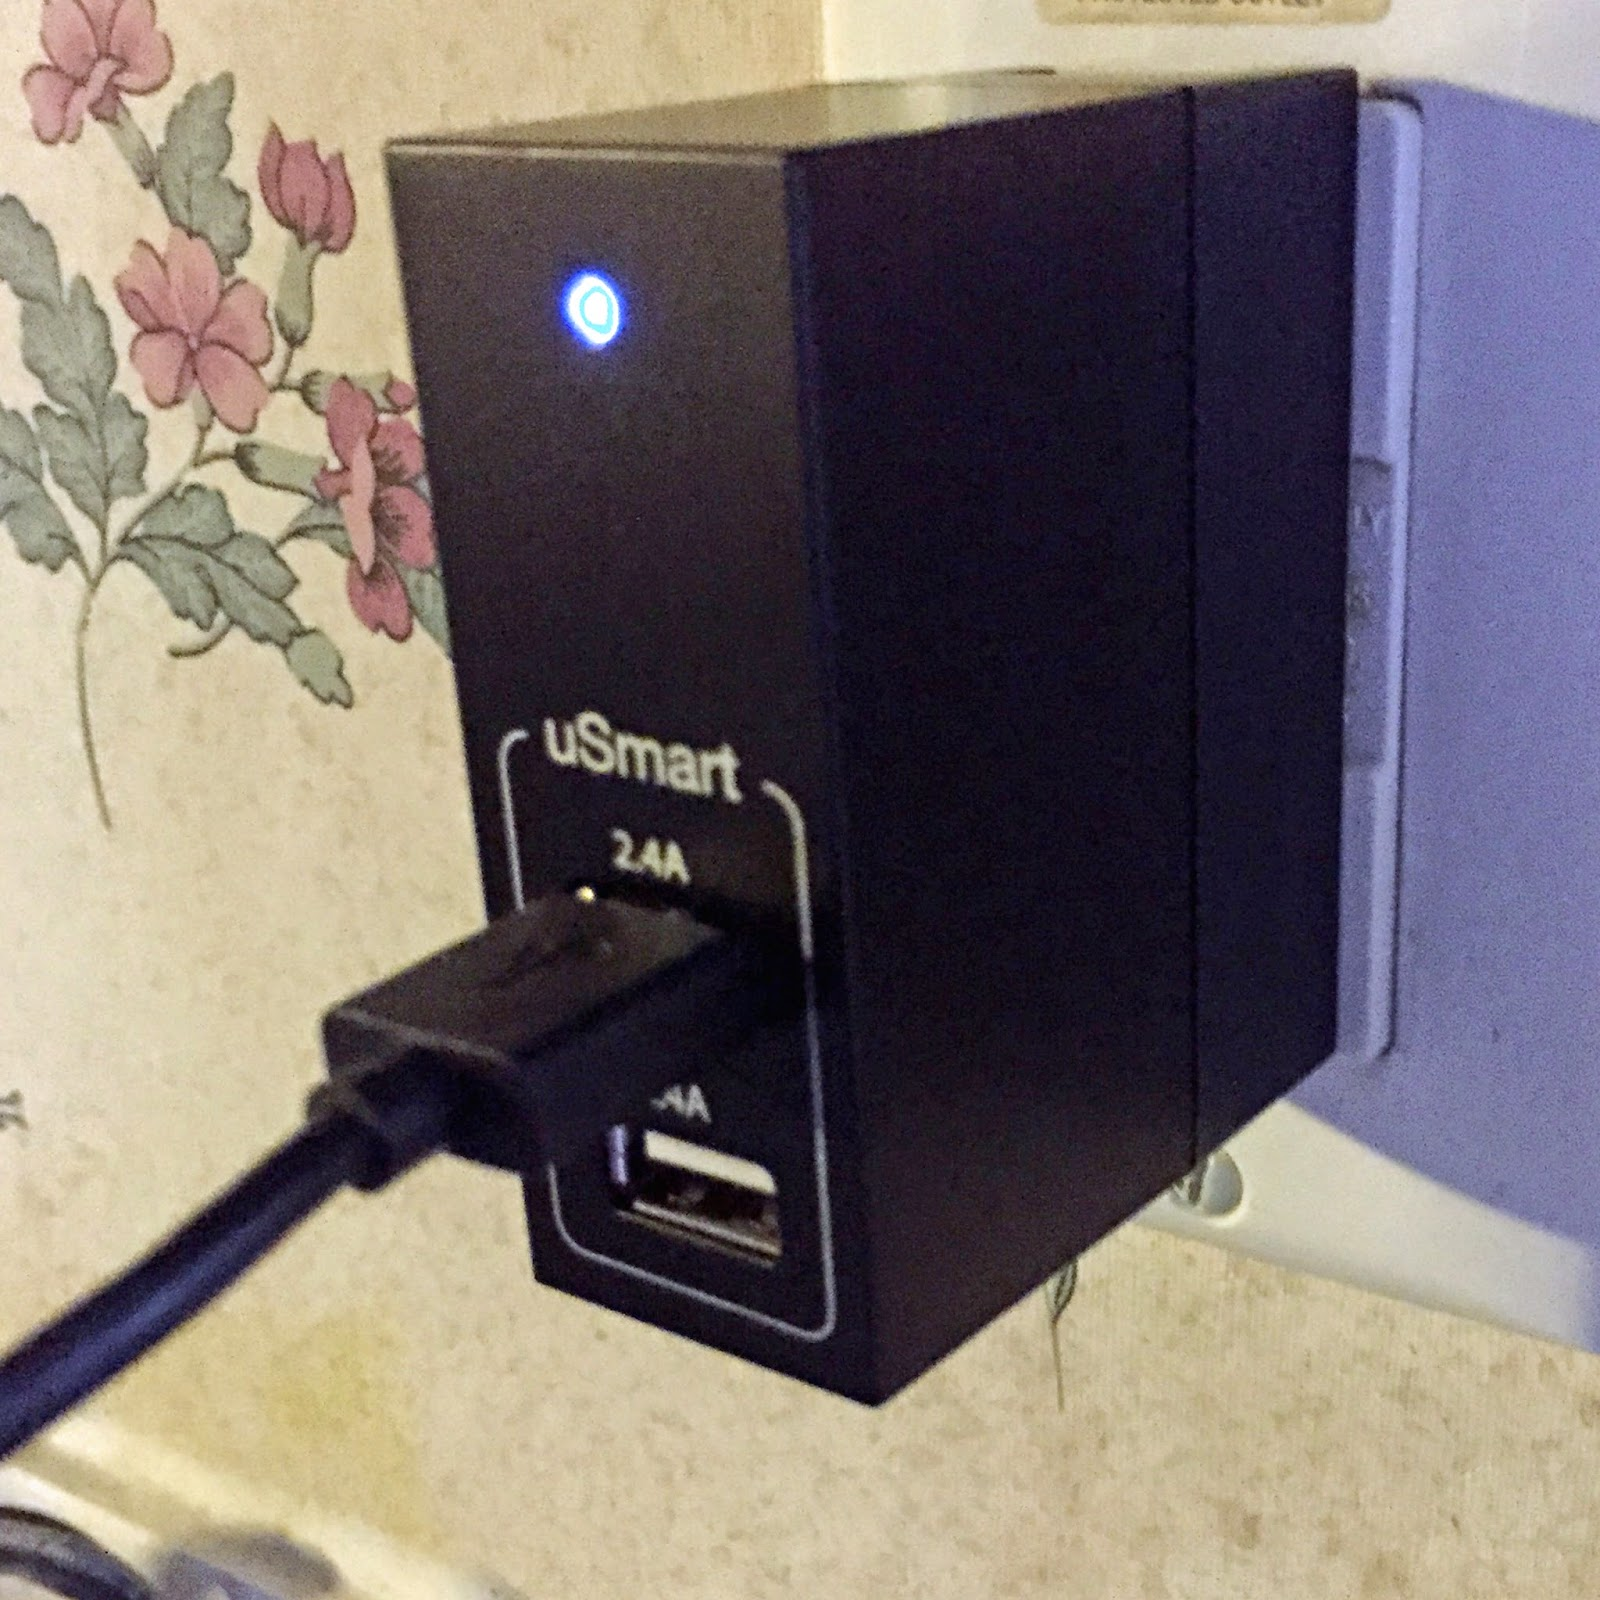 http://www.amazon.com/UNU-Duo-Port-USB-Wall-Charger/dp/B00LOZ5AT6/ref=sr_1_1?s=wireless&ie=UTF8&qid=1424951648&sr=1-1&keywords=unu+wx+2+port